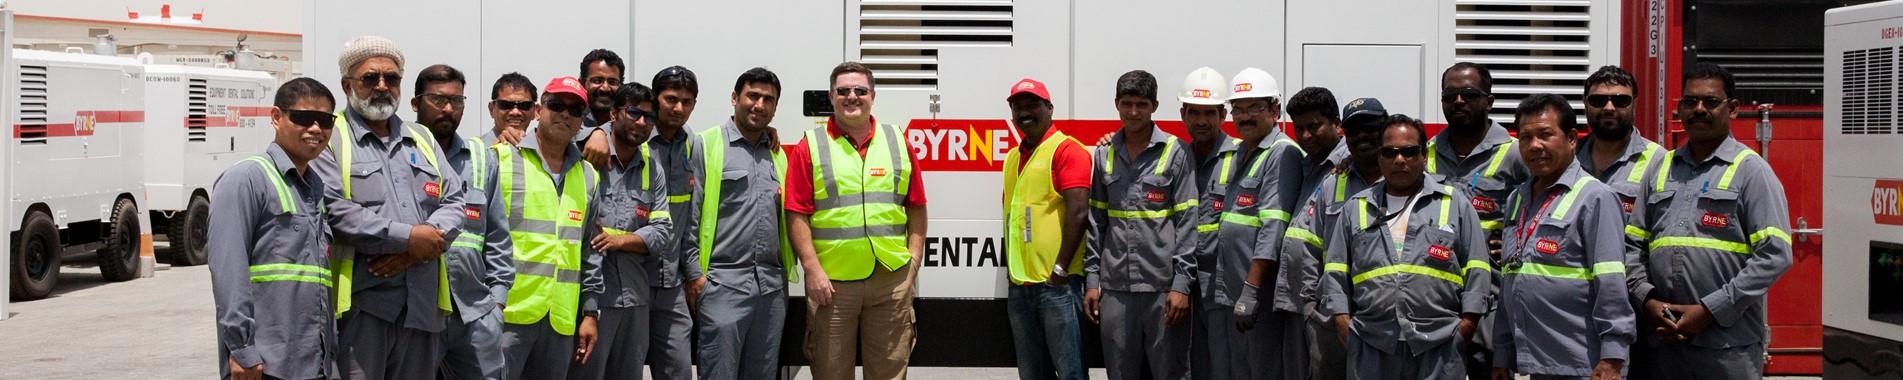 Careers | Byrne Equipment Rental